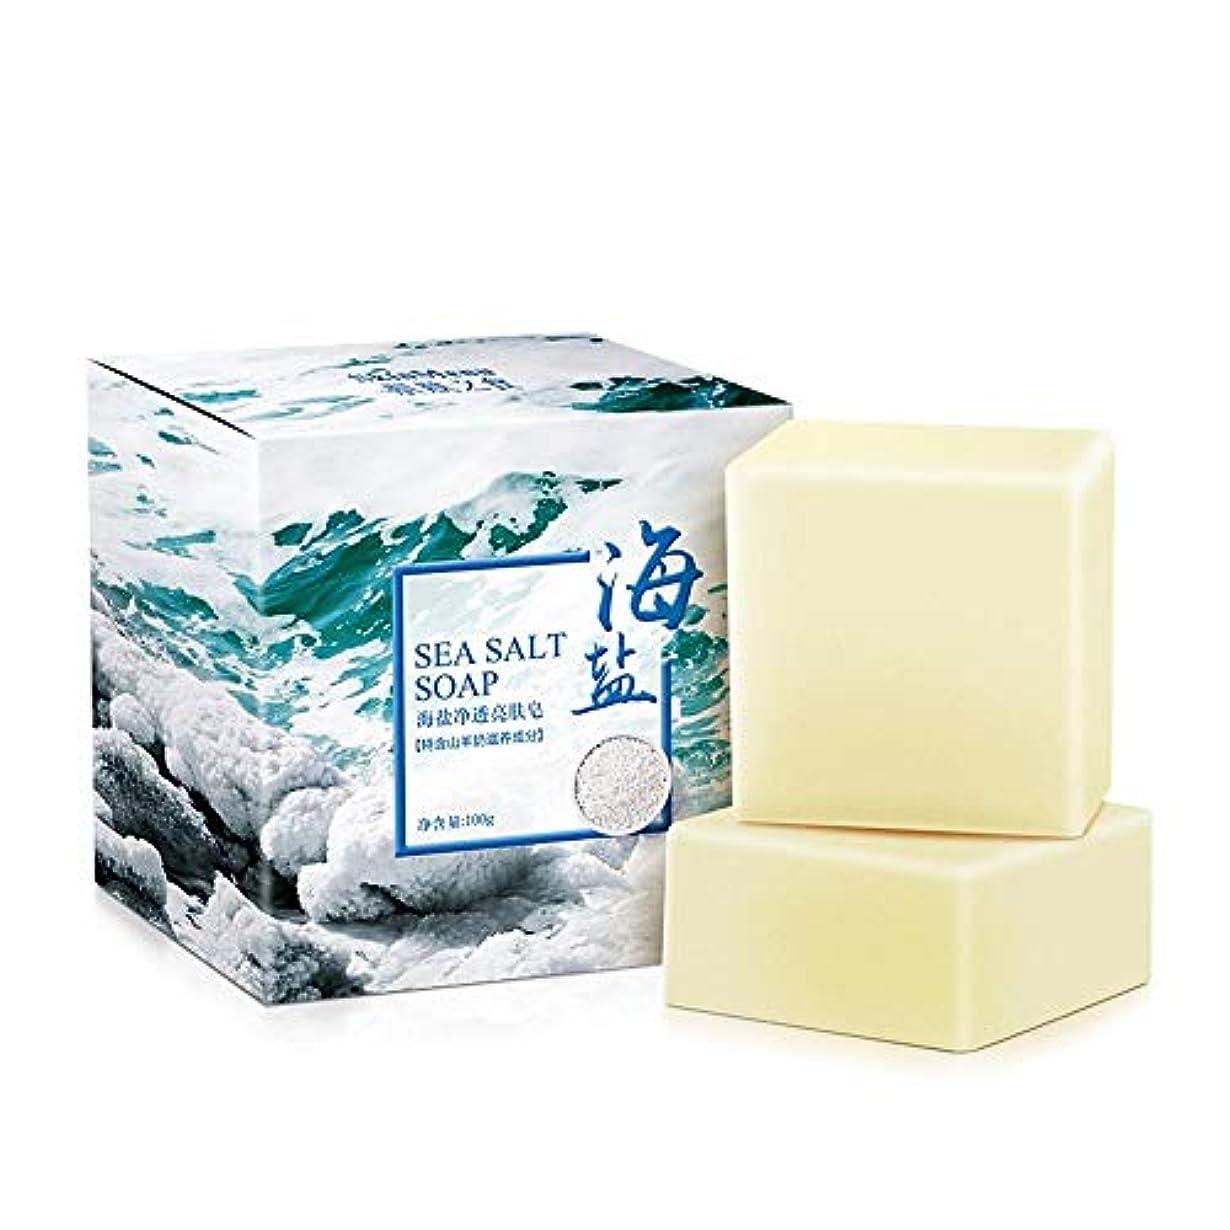 100グラム海塩石鹸トリートメント明るく肌ボディ洗浄収縮毛穴ヤギミルクフェイスウォッシュソープバスシャワー製品